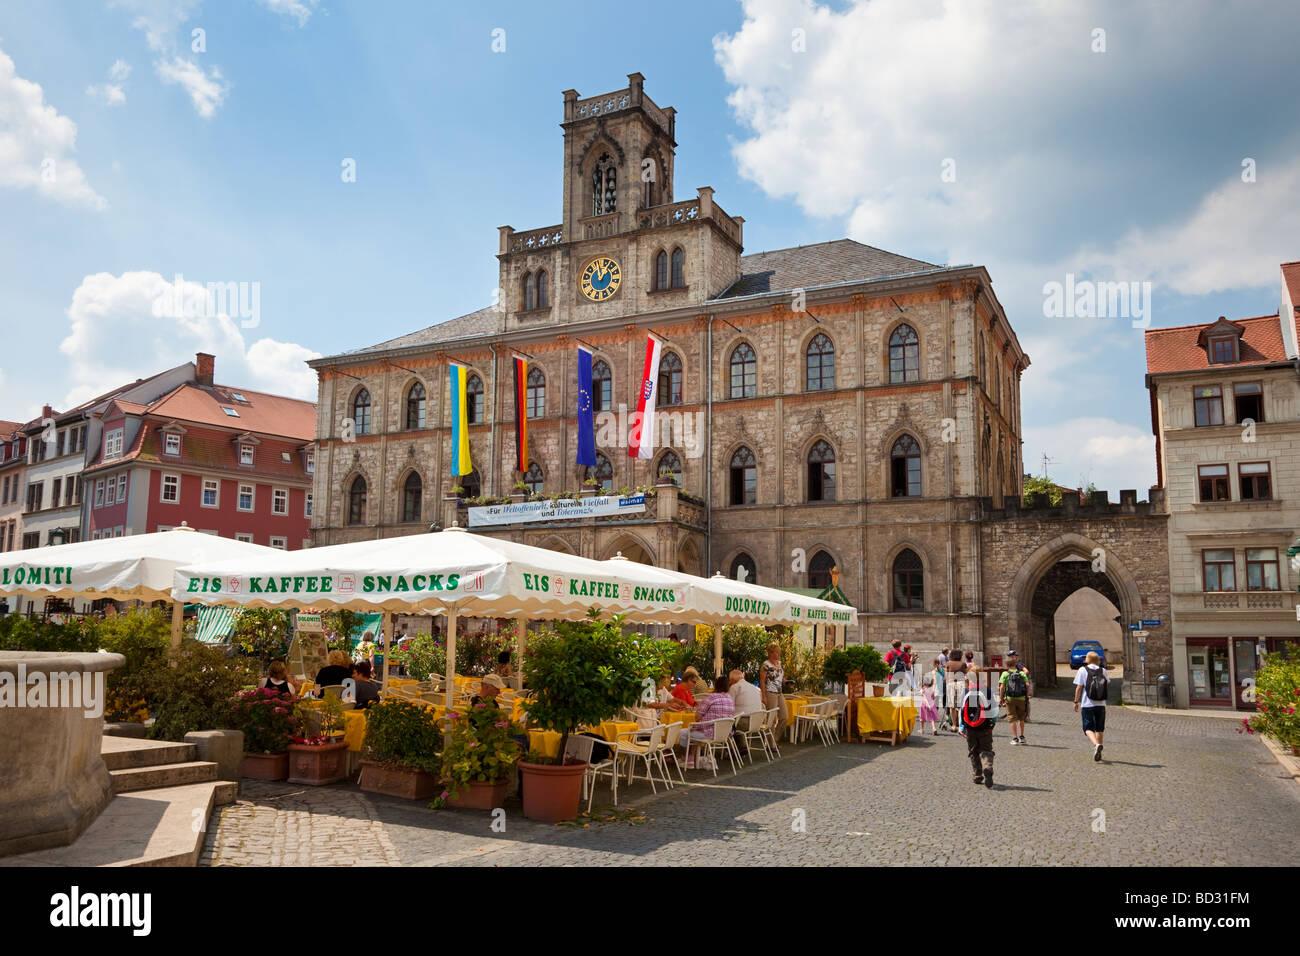 weimar deutschland europa rathaus und restaurant caf auf dem marktplatz stockfoto bild. Black Bedroom Furniture Sets. Home Design Ideas